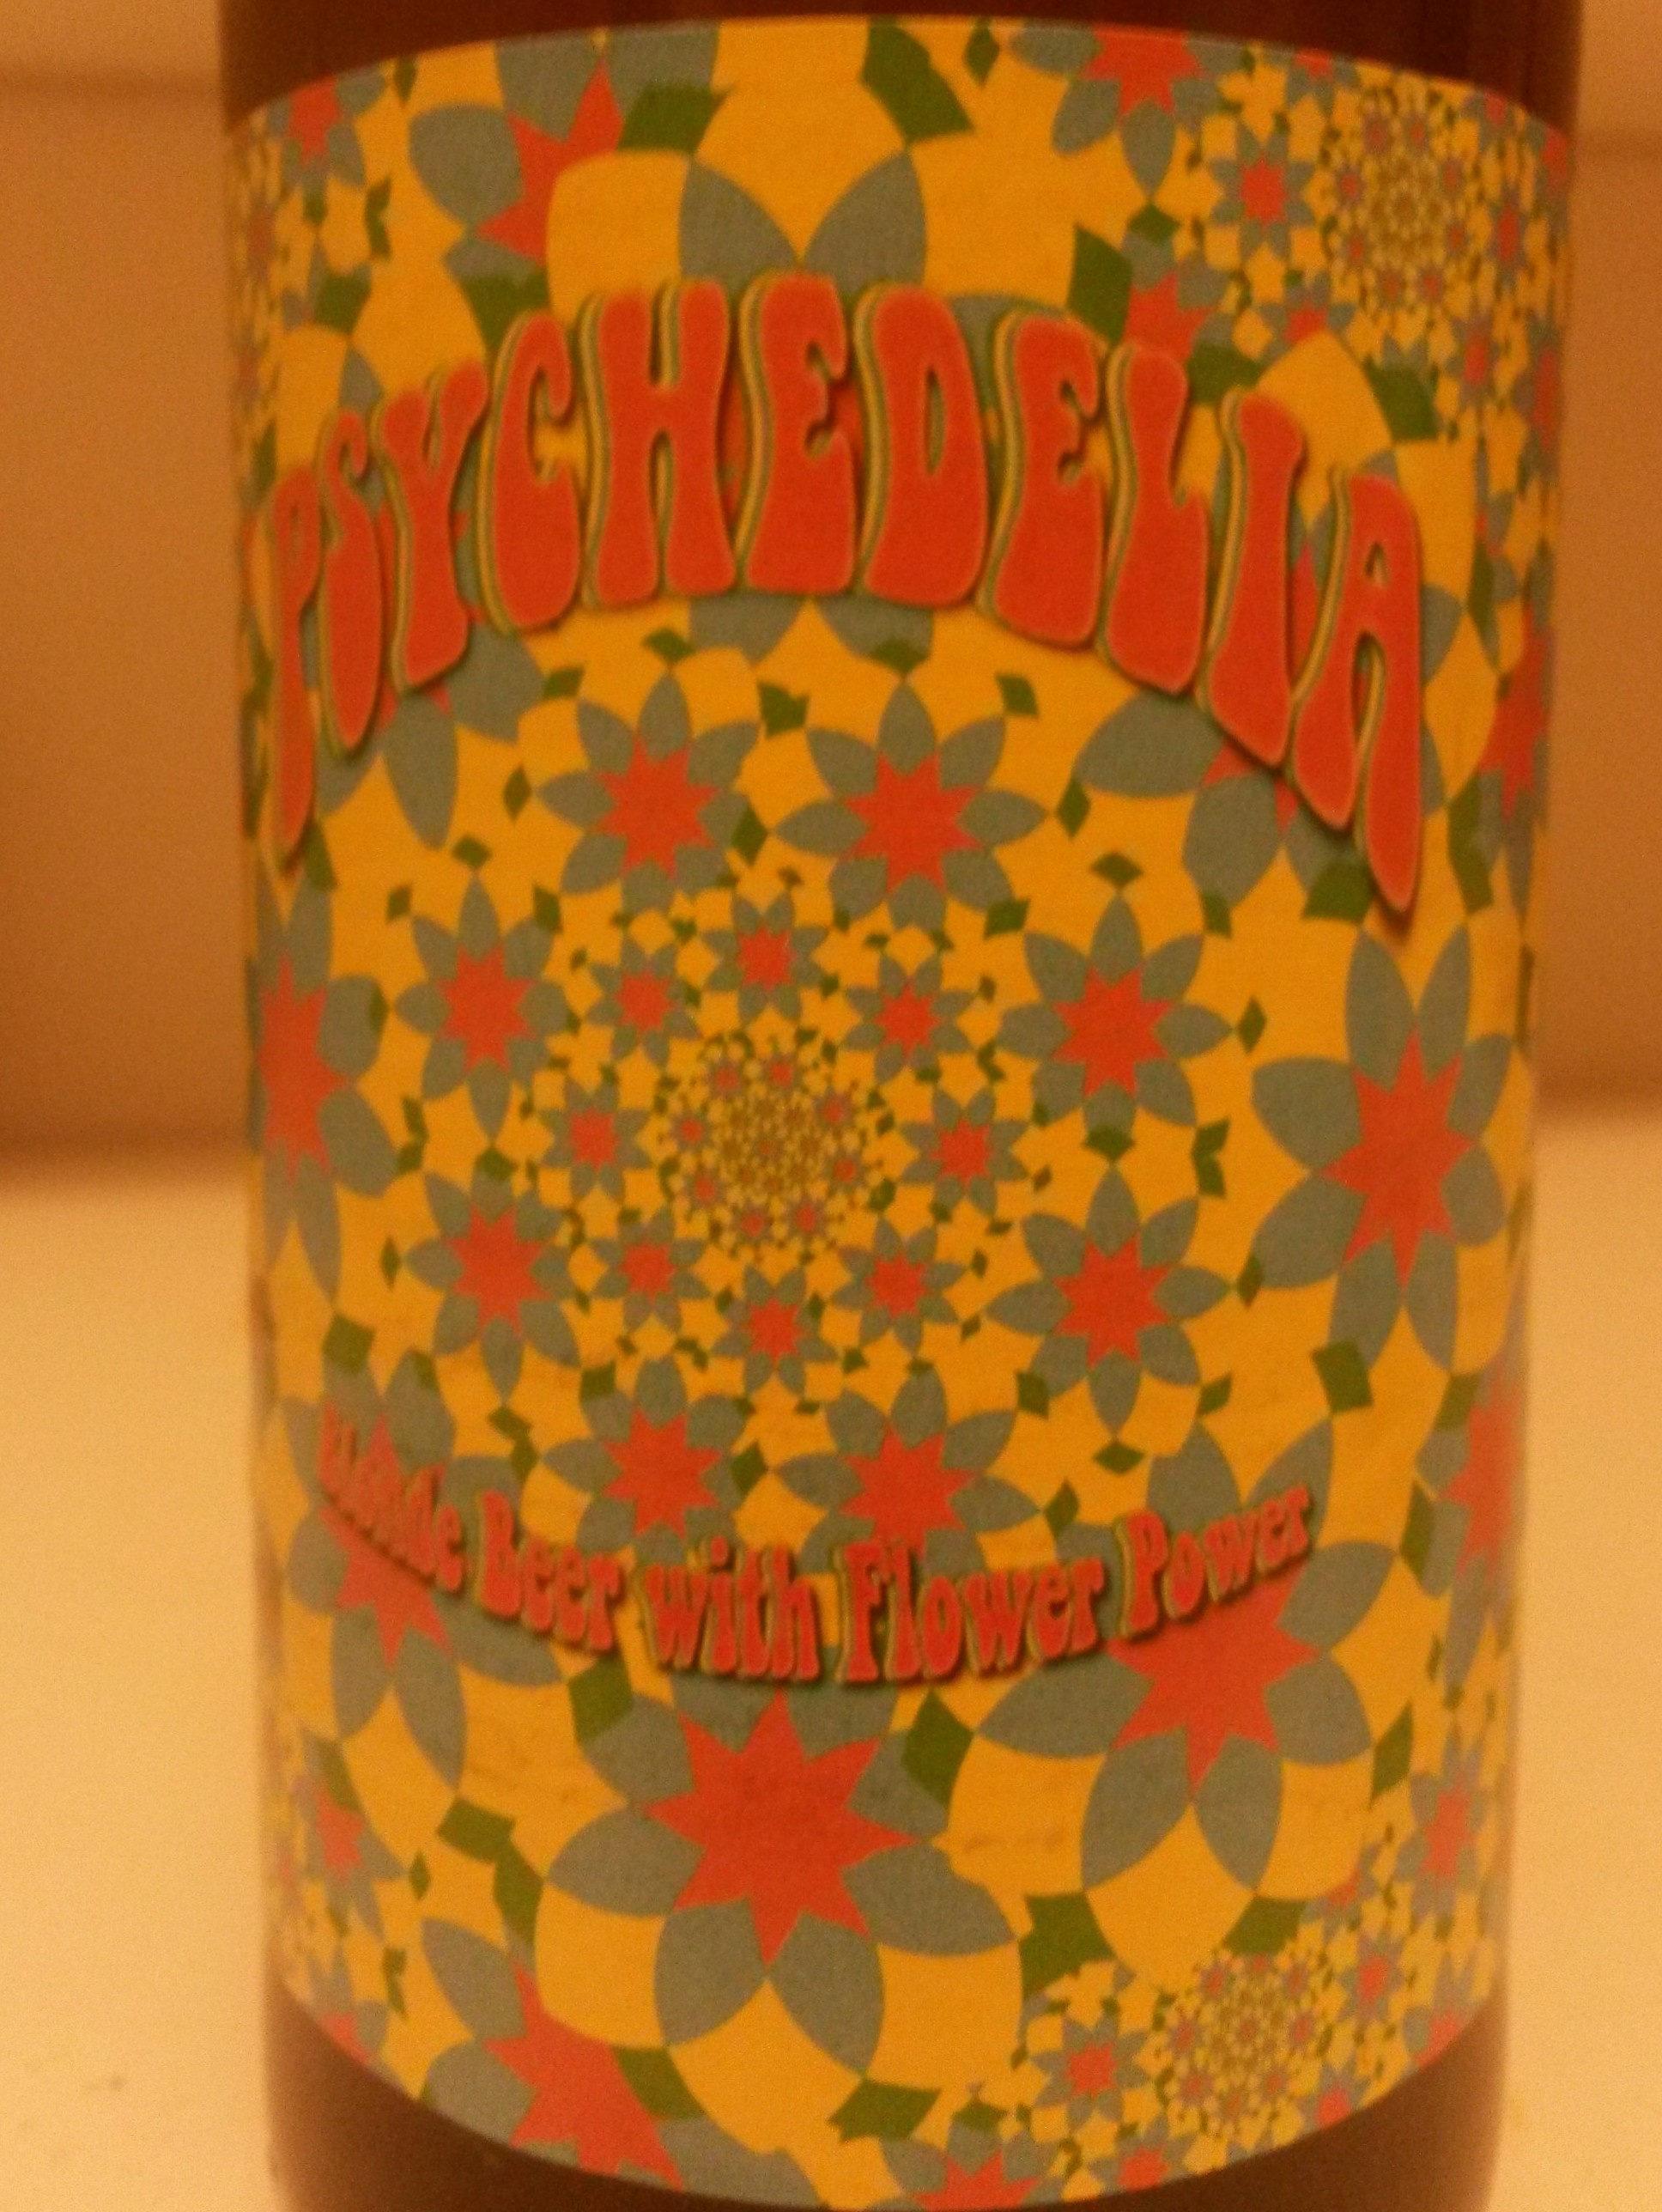 Biere Psychedelia - Produit - fr